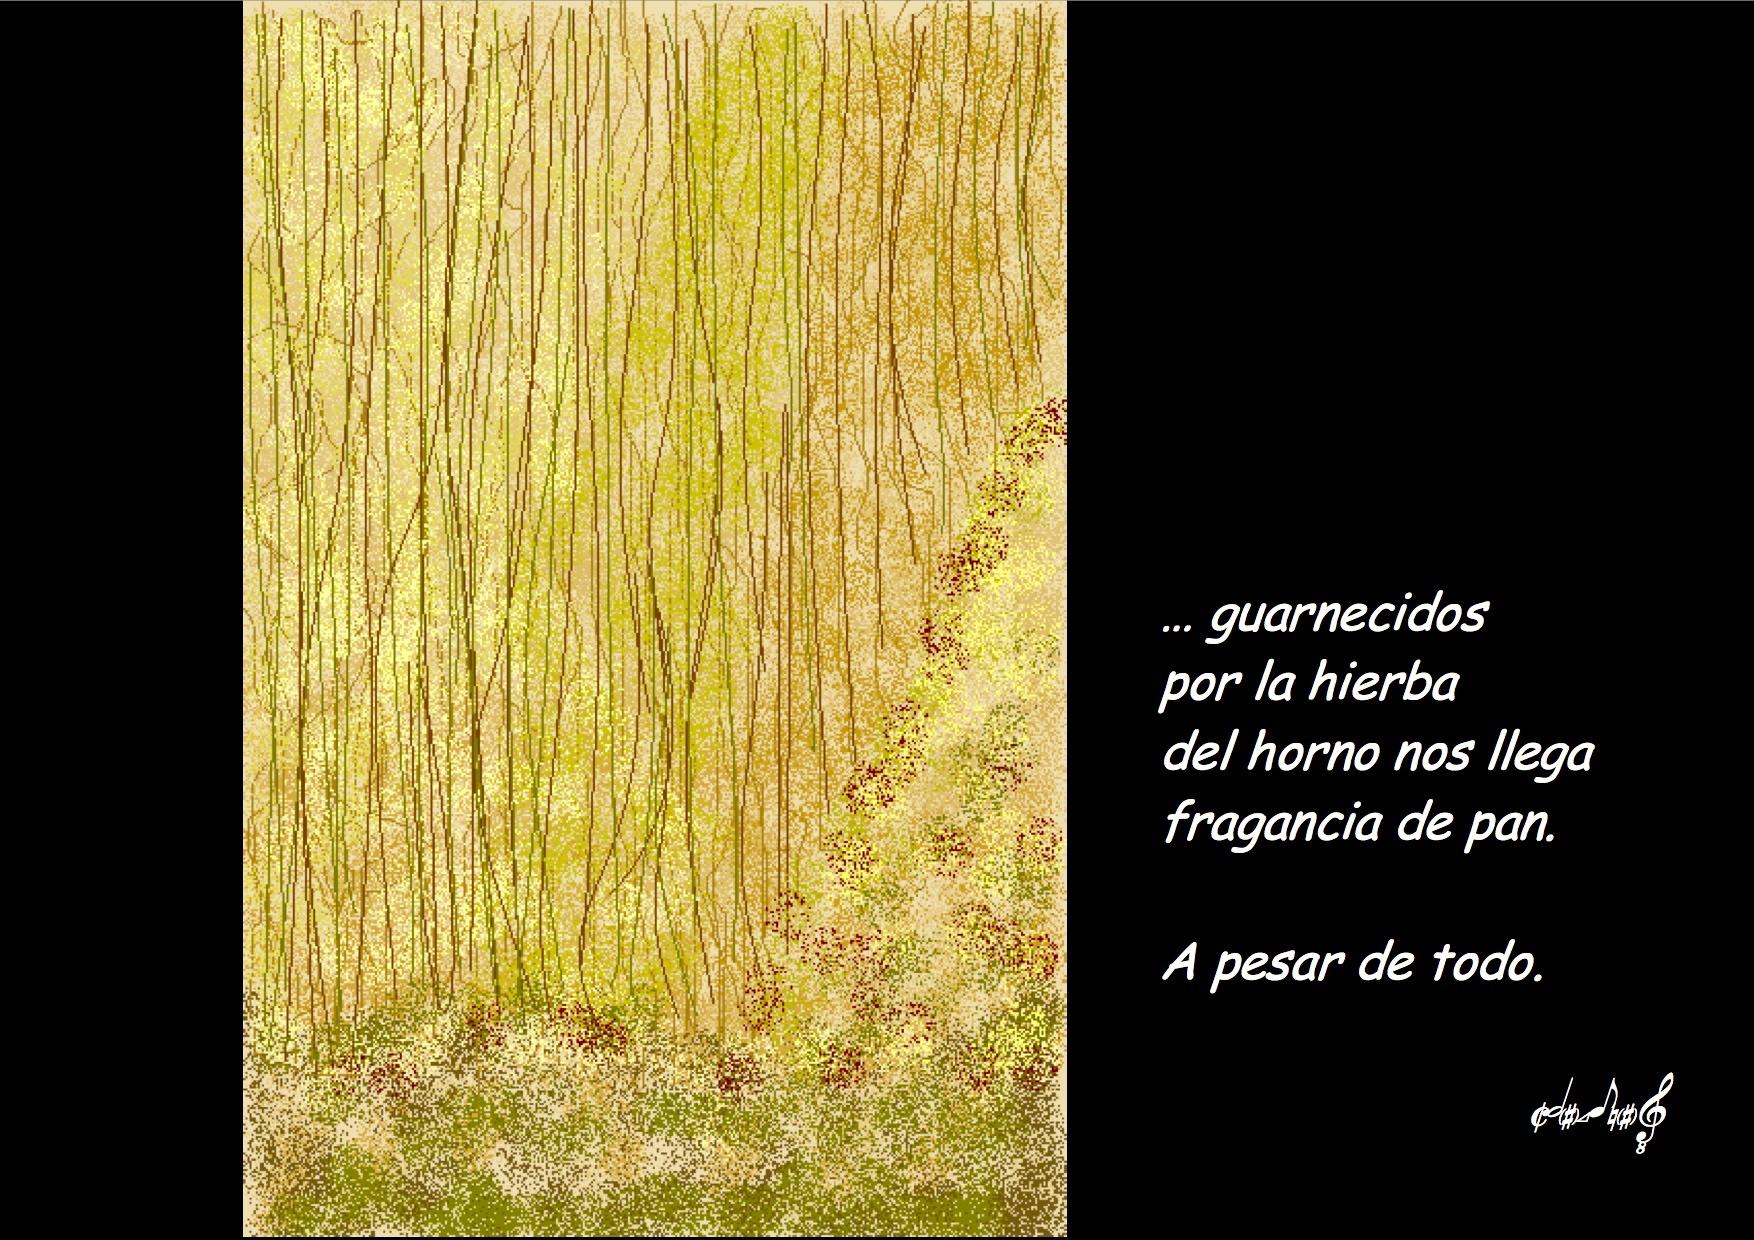 POEMAS_PINTURAS_guarnecidos_Chalena